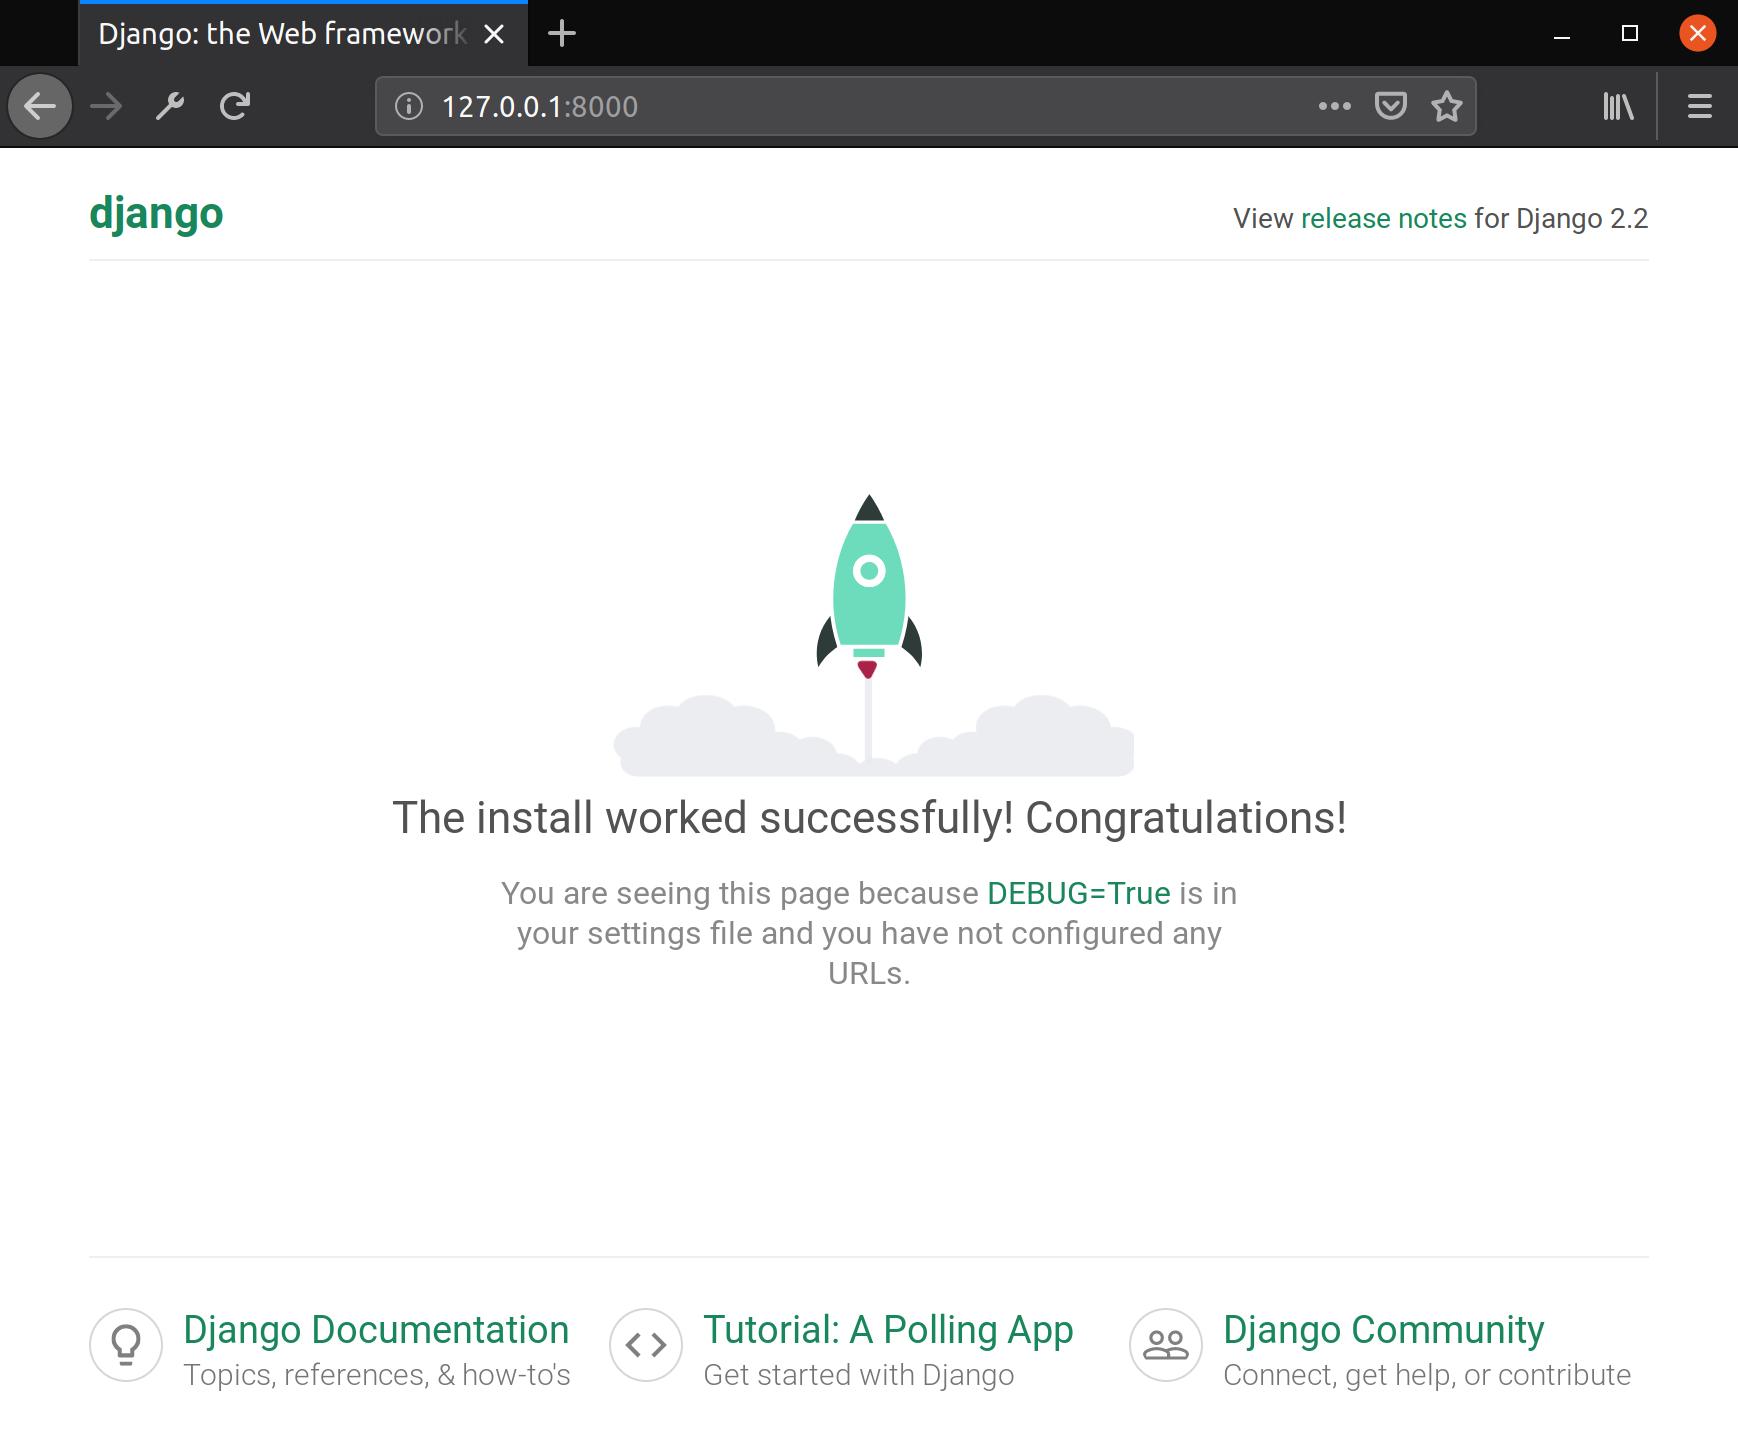 Página de inicio genérica de Django